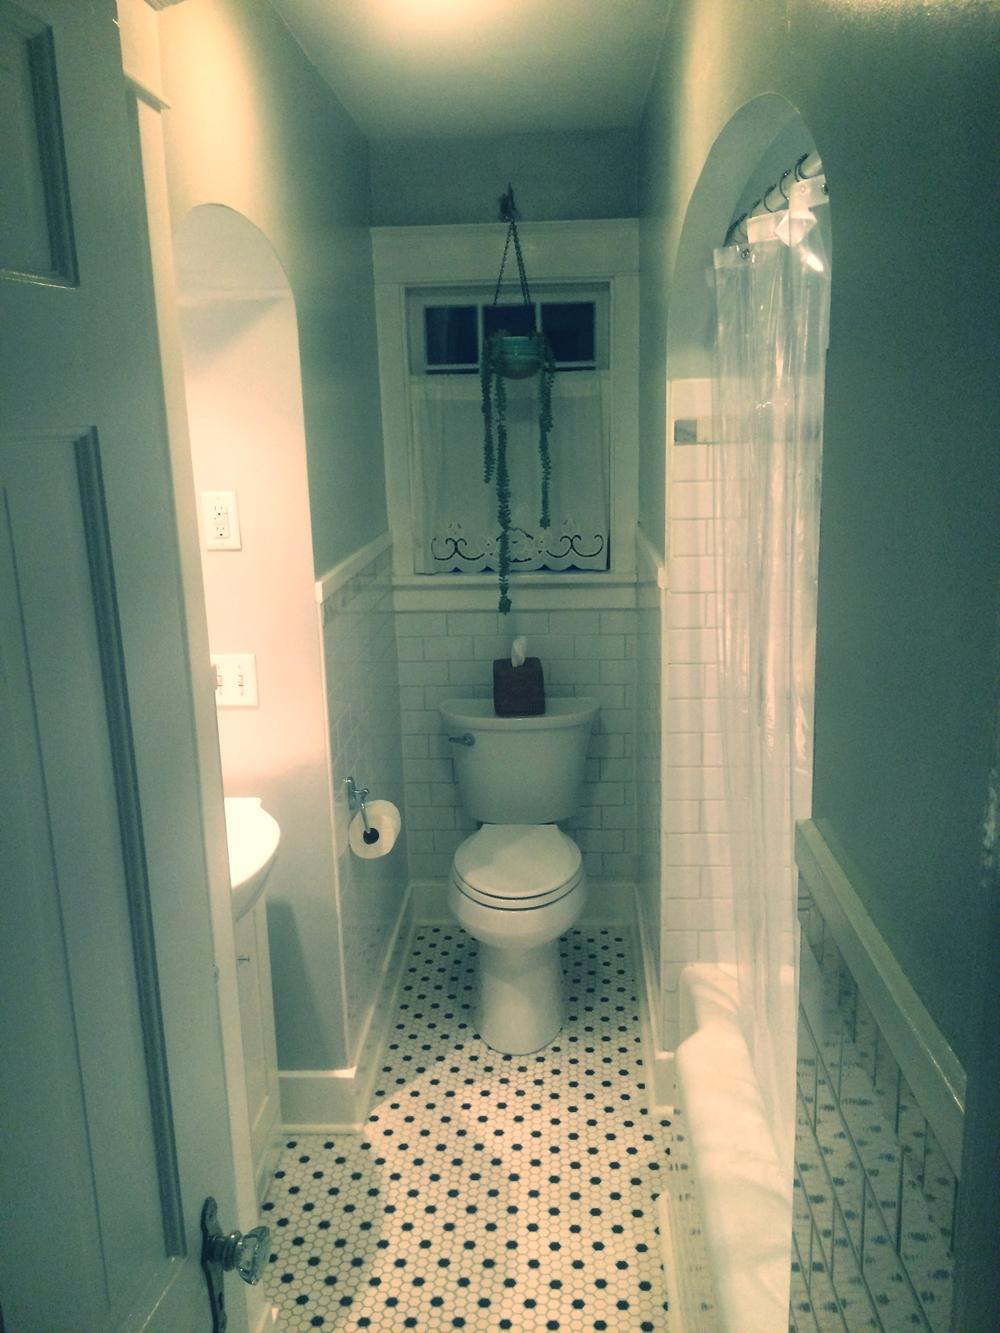 A fully restored bathroom